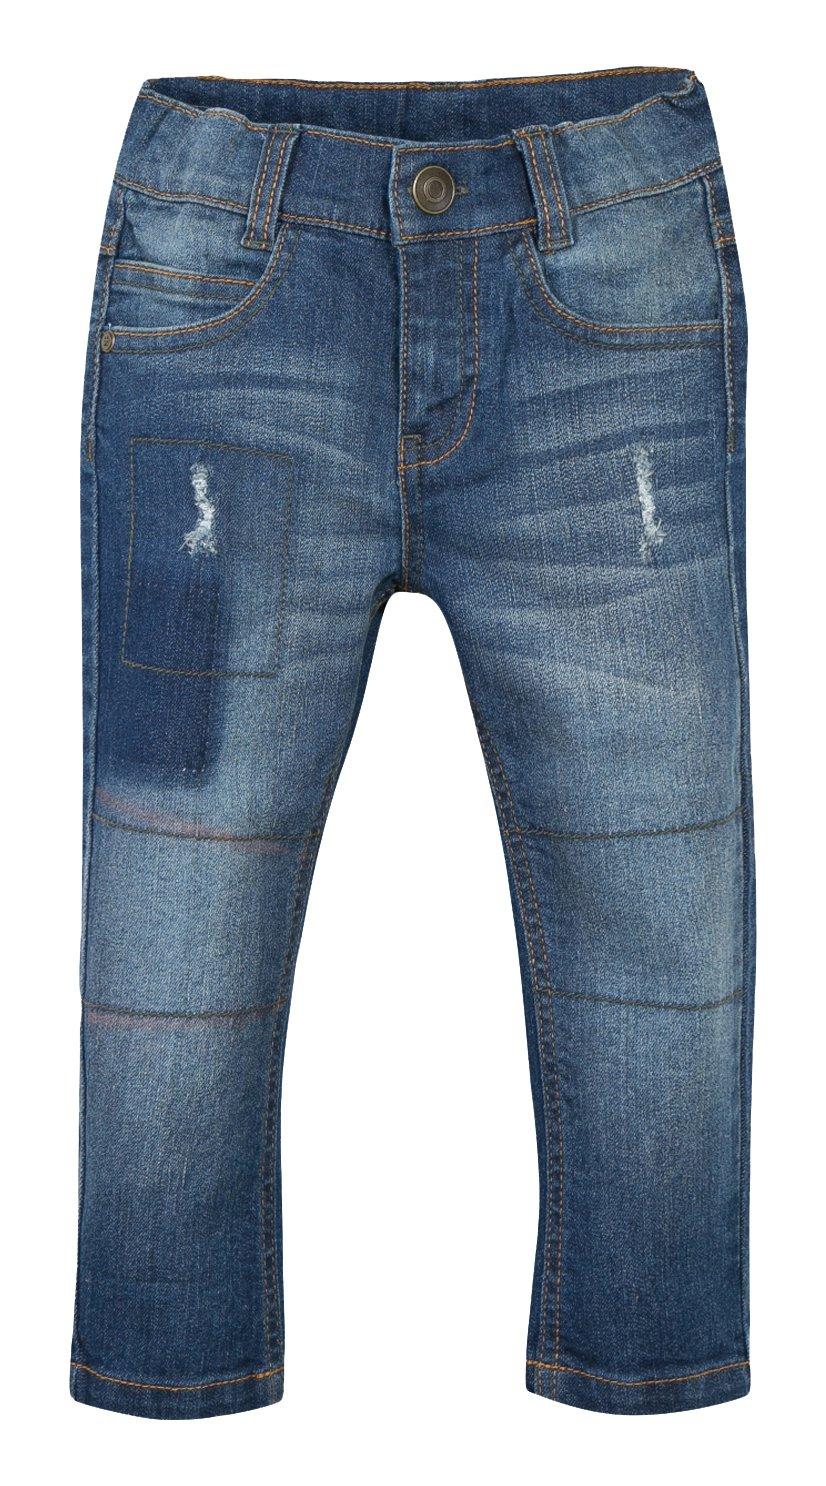 Grain de Blé Baby Boys' Effet Délavé Jeans 1K22090